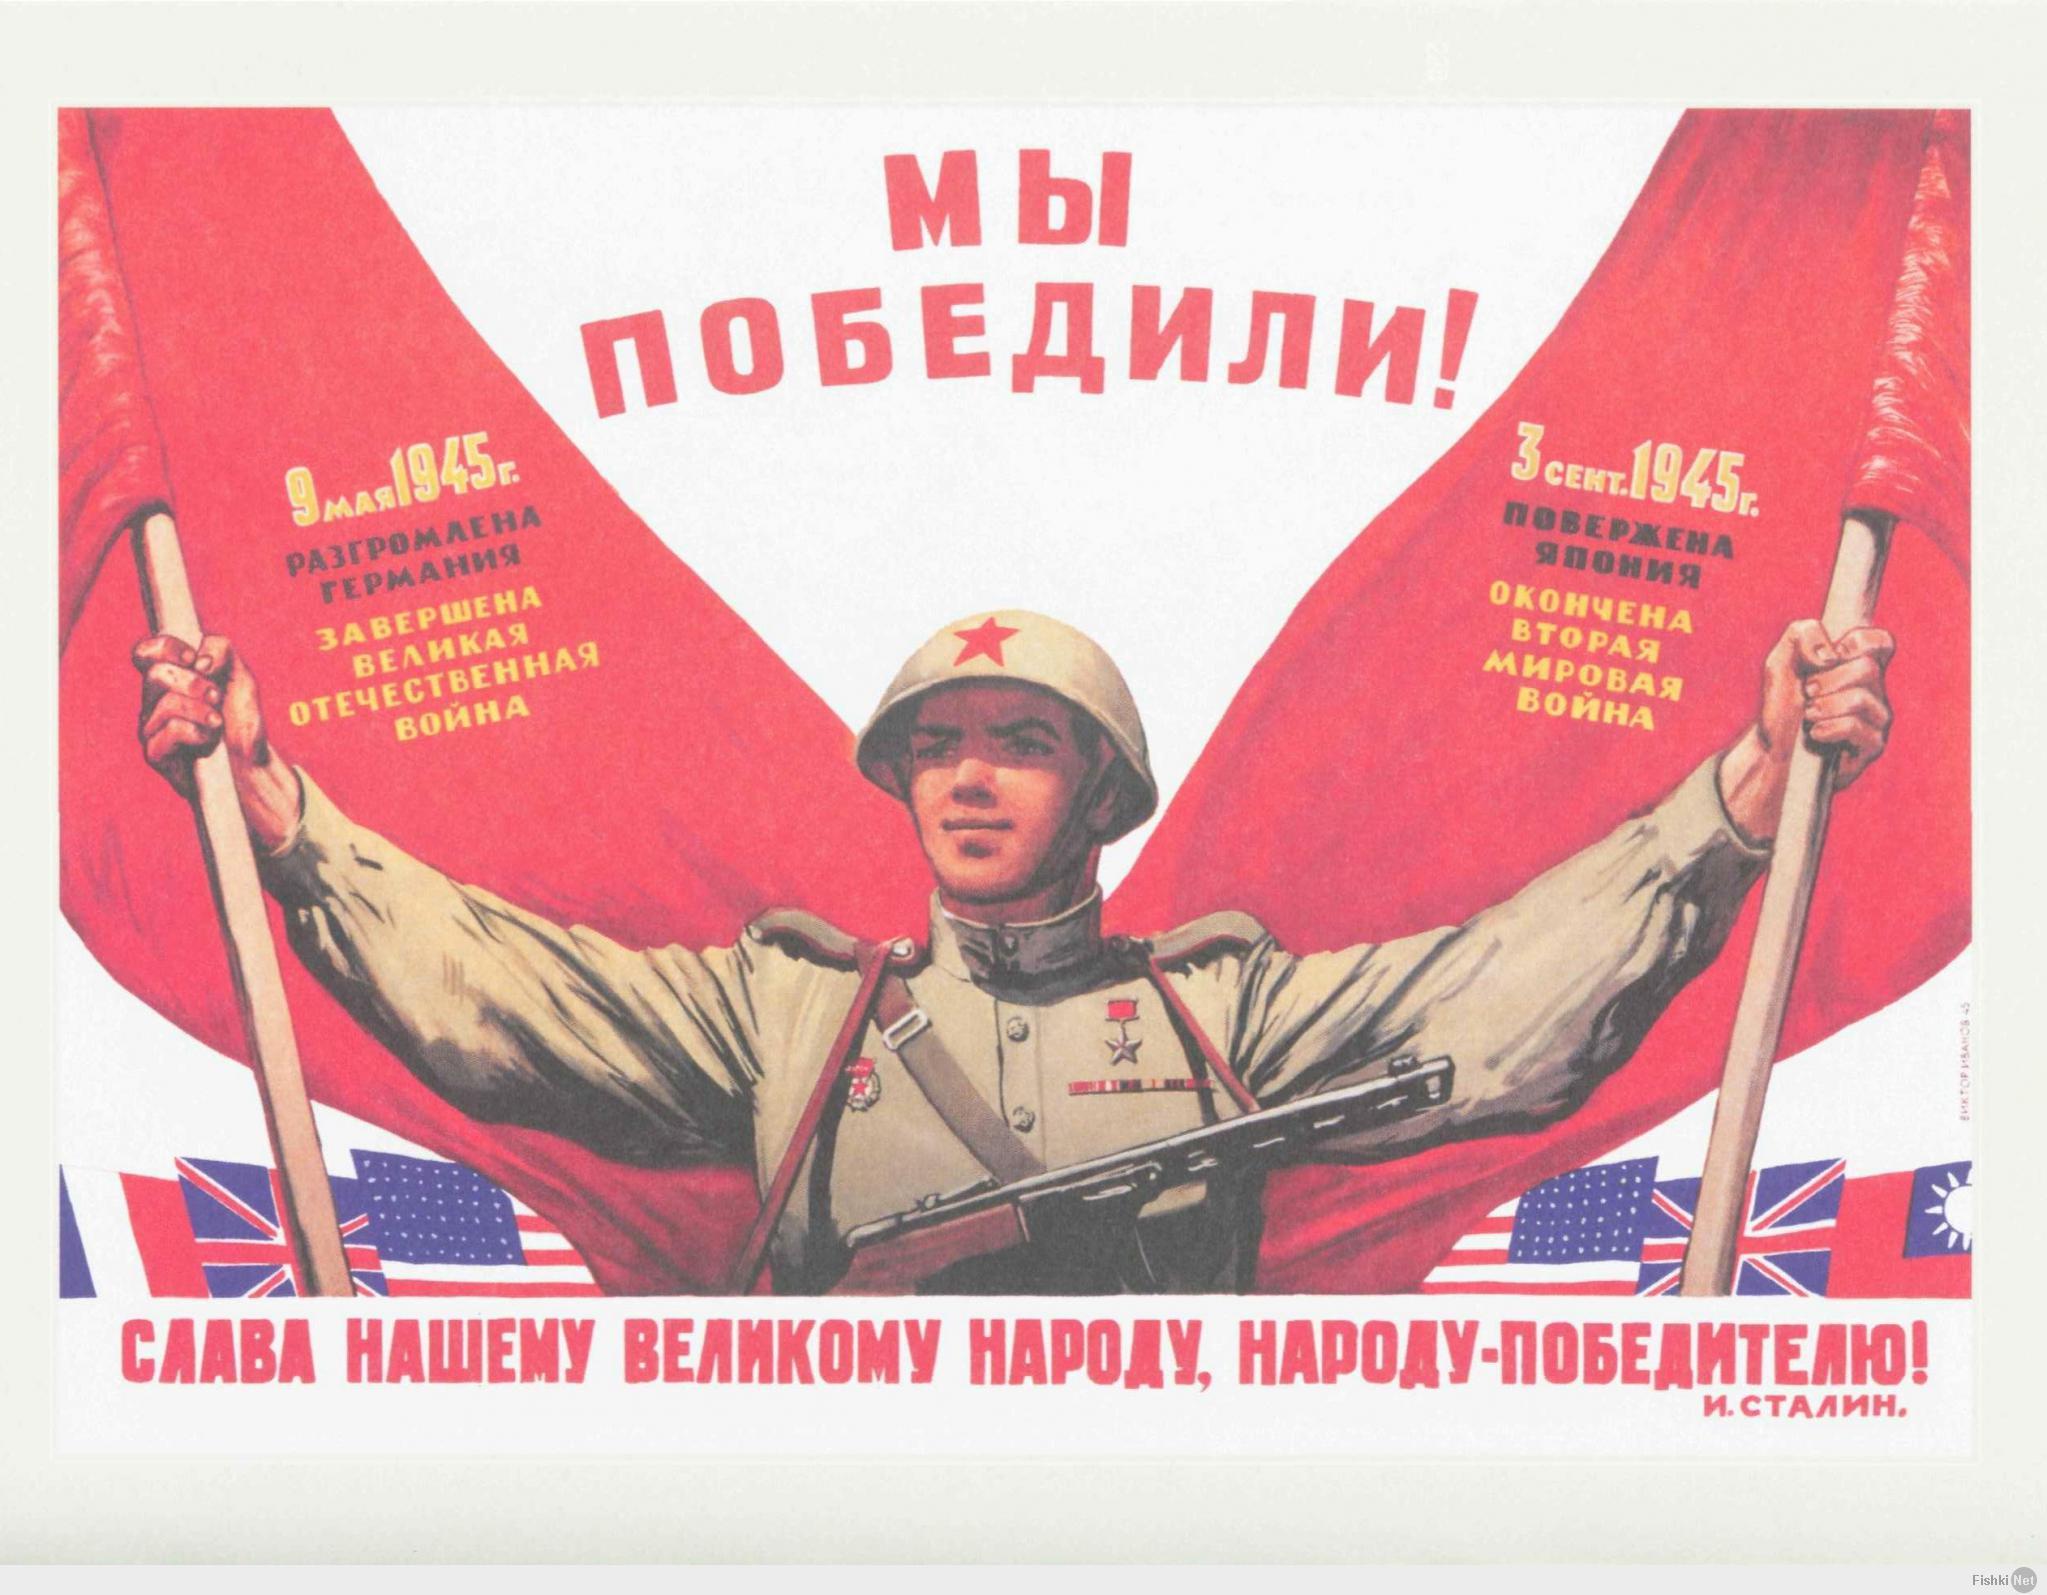 Уже на 68 лет отодвинулась вглубь истории великая отечественная война советского народа с ее кульминационным моментом